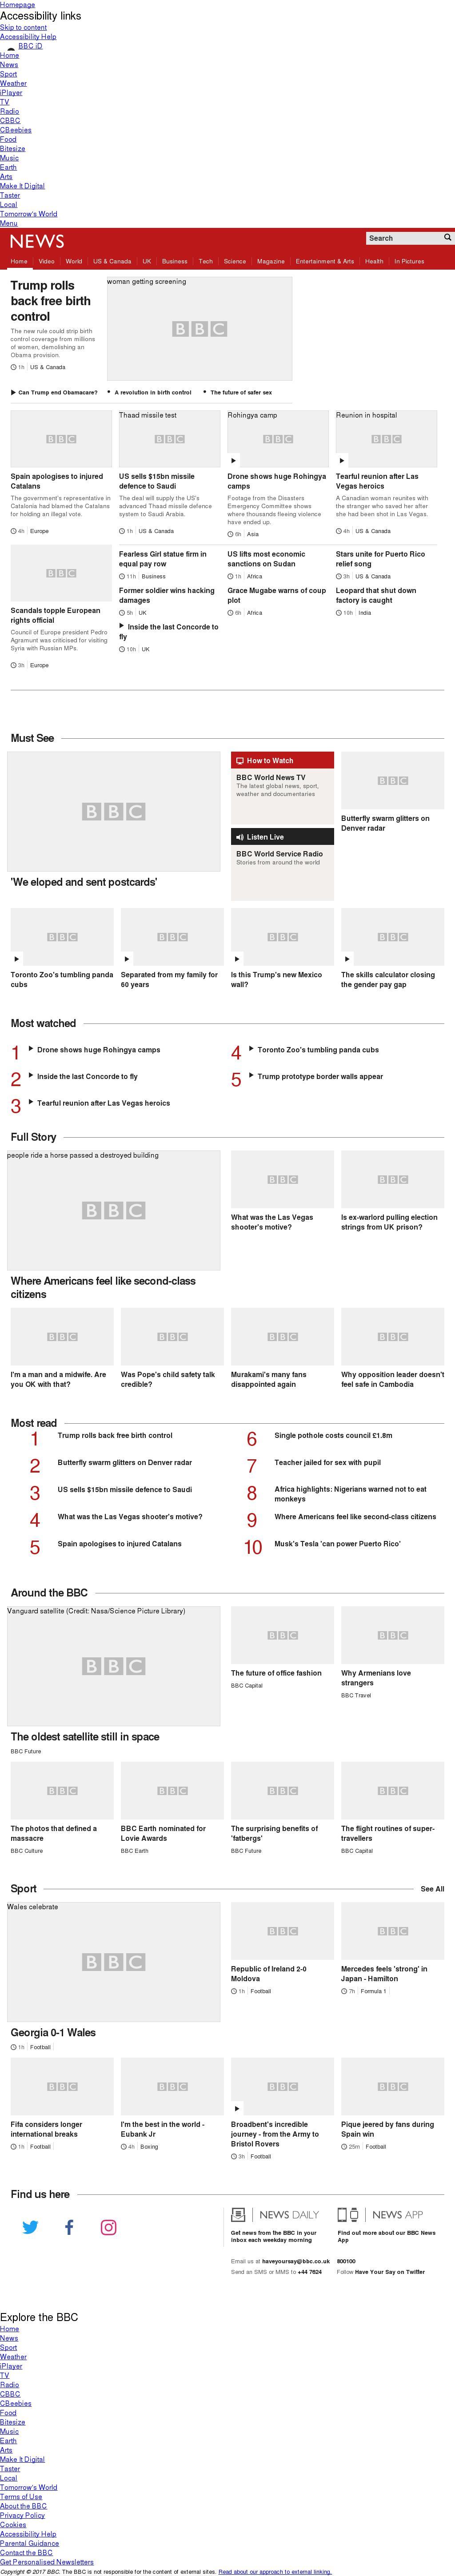 BBC at Friday Oct. 6, 2017, 10 p.m. UTC